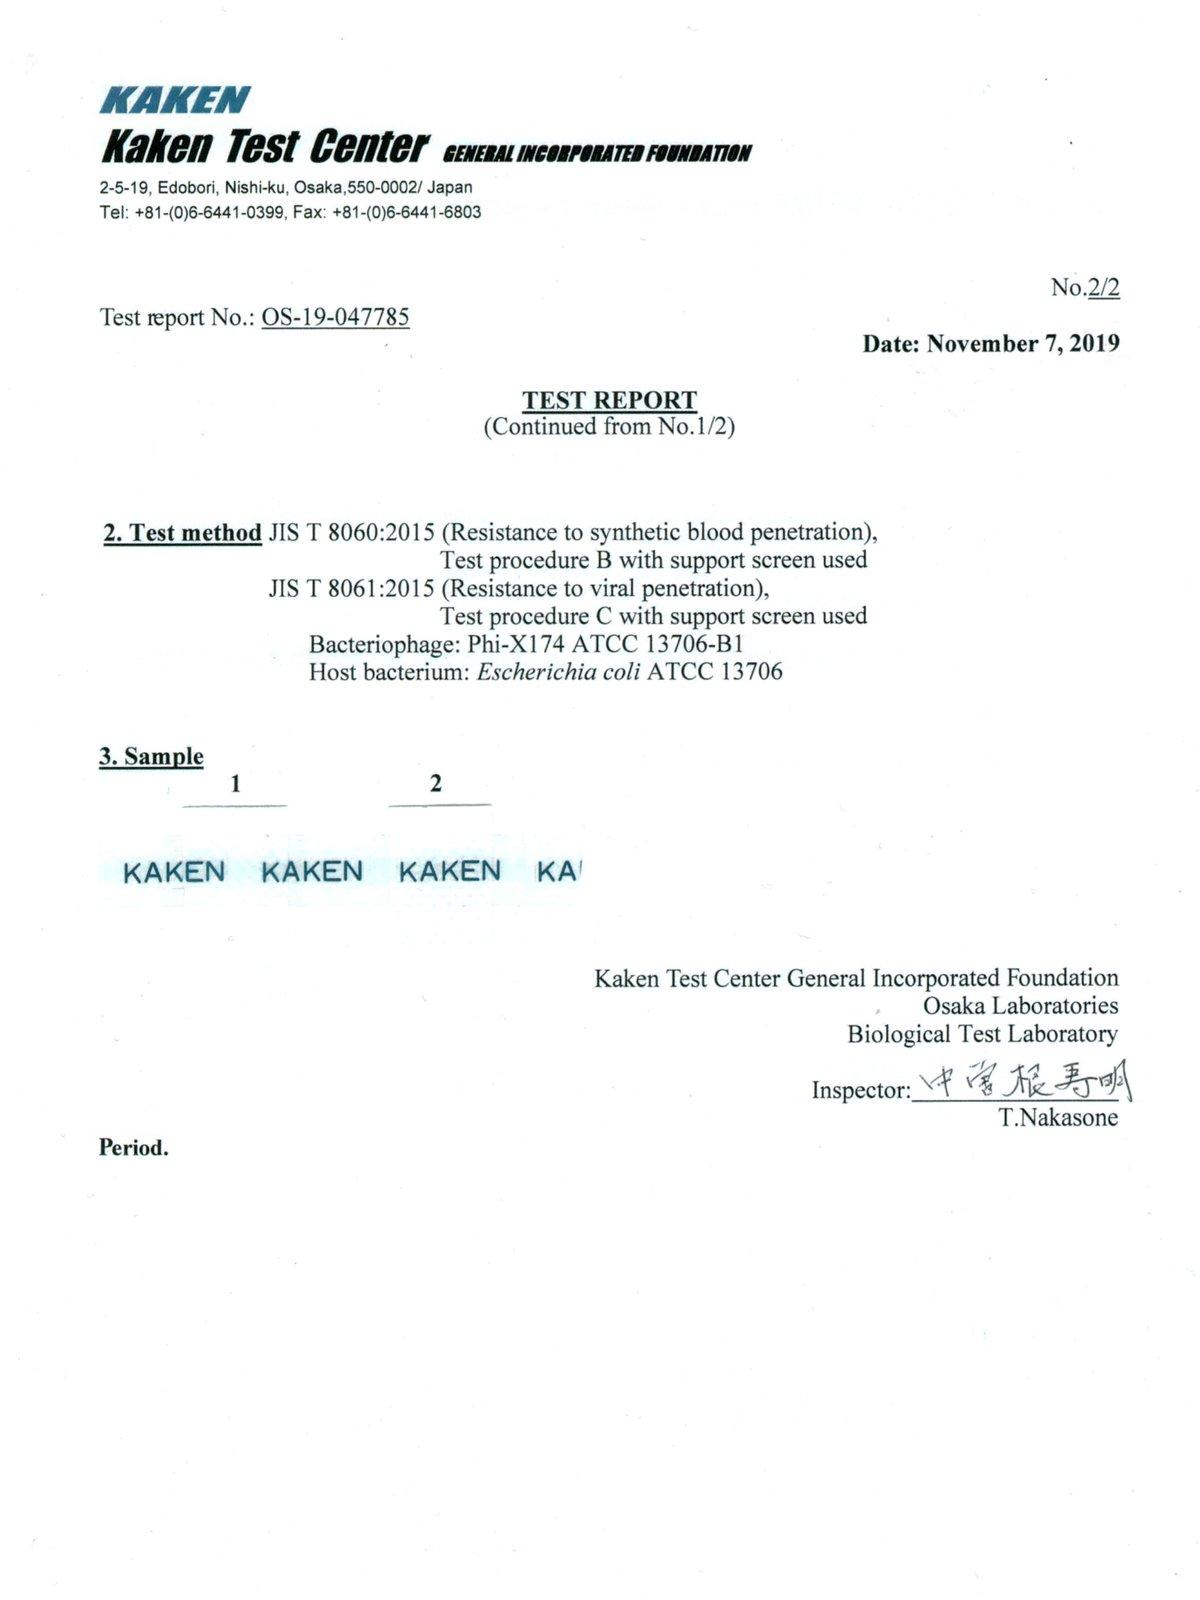 防護服 最高レベル ウイルスバリア性能クラス6・血液バリア性能クラス6 カケンテスト証明 JIS規格・ISO・EN 国際基準合格品 韓国製【画像7】